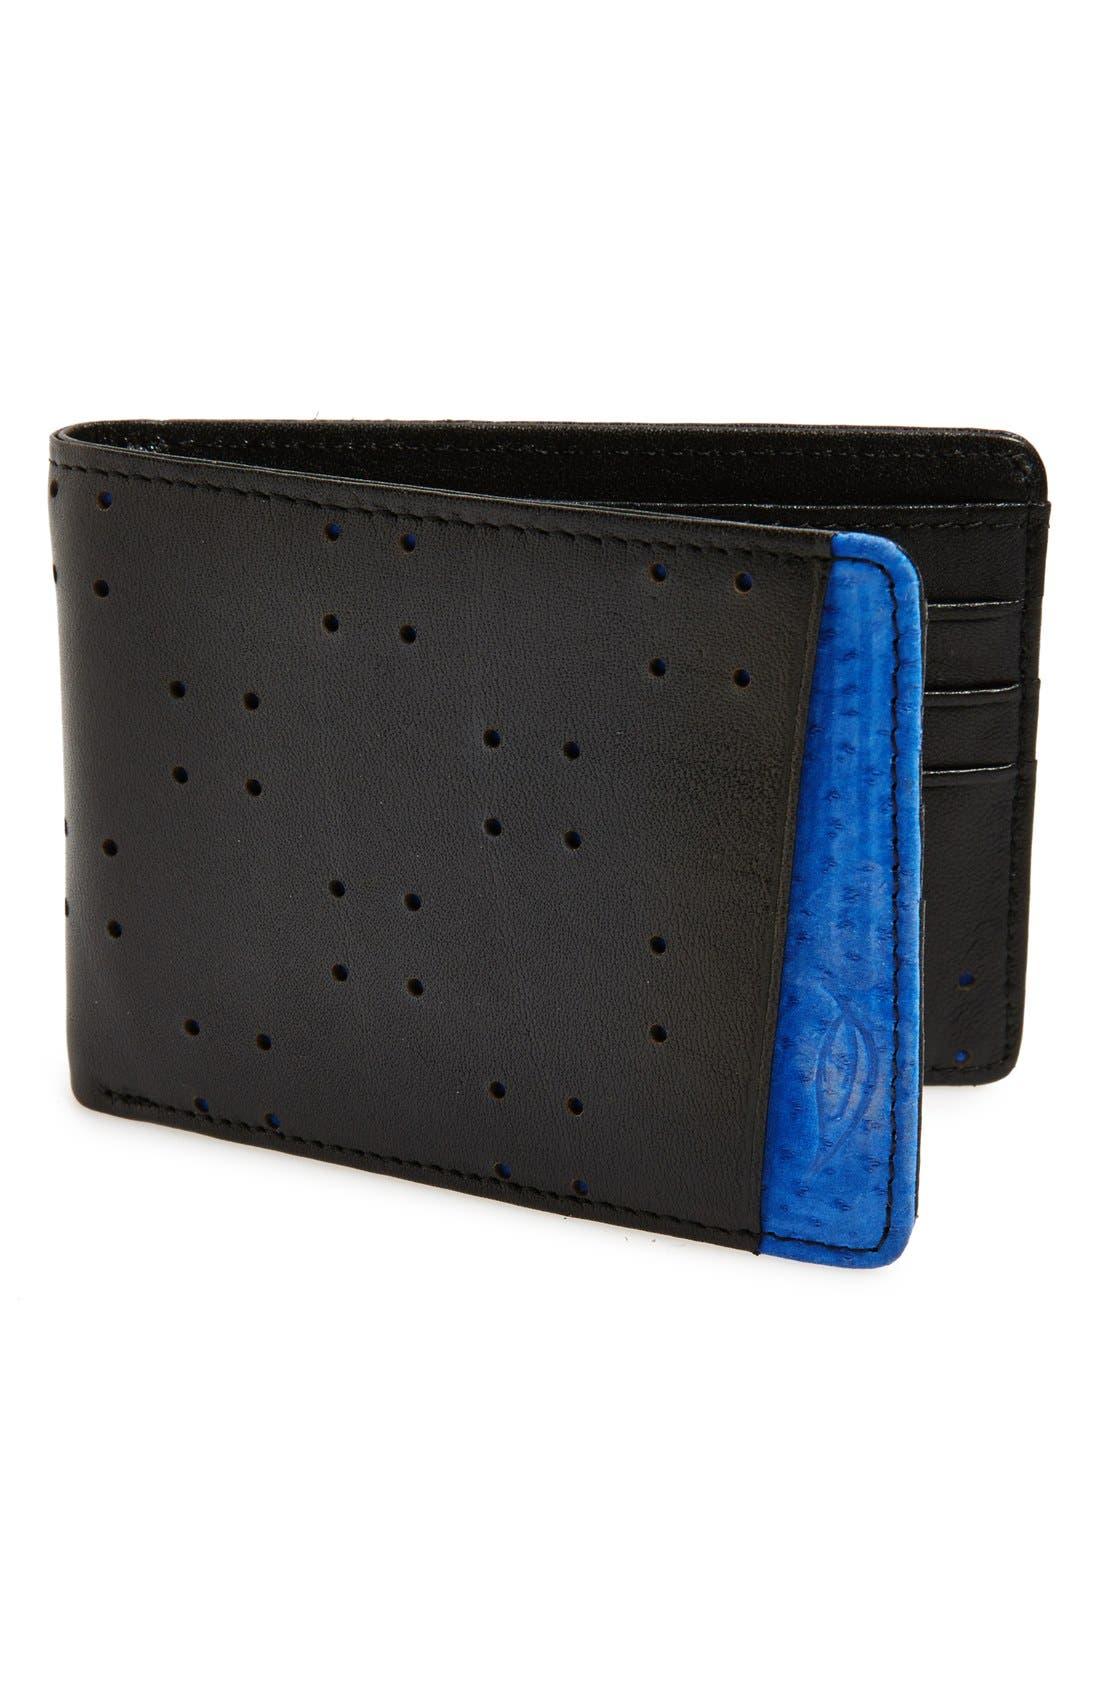 ORCHILL 'AV1' Wallet, Main, color, 001